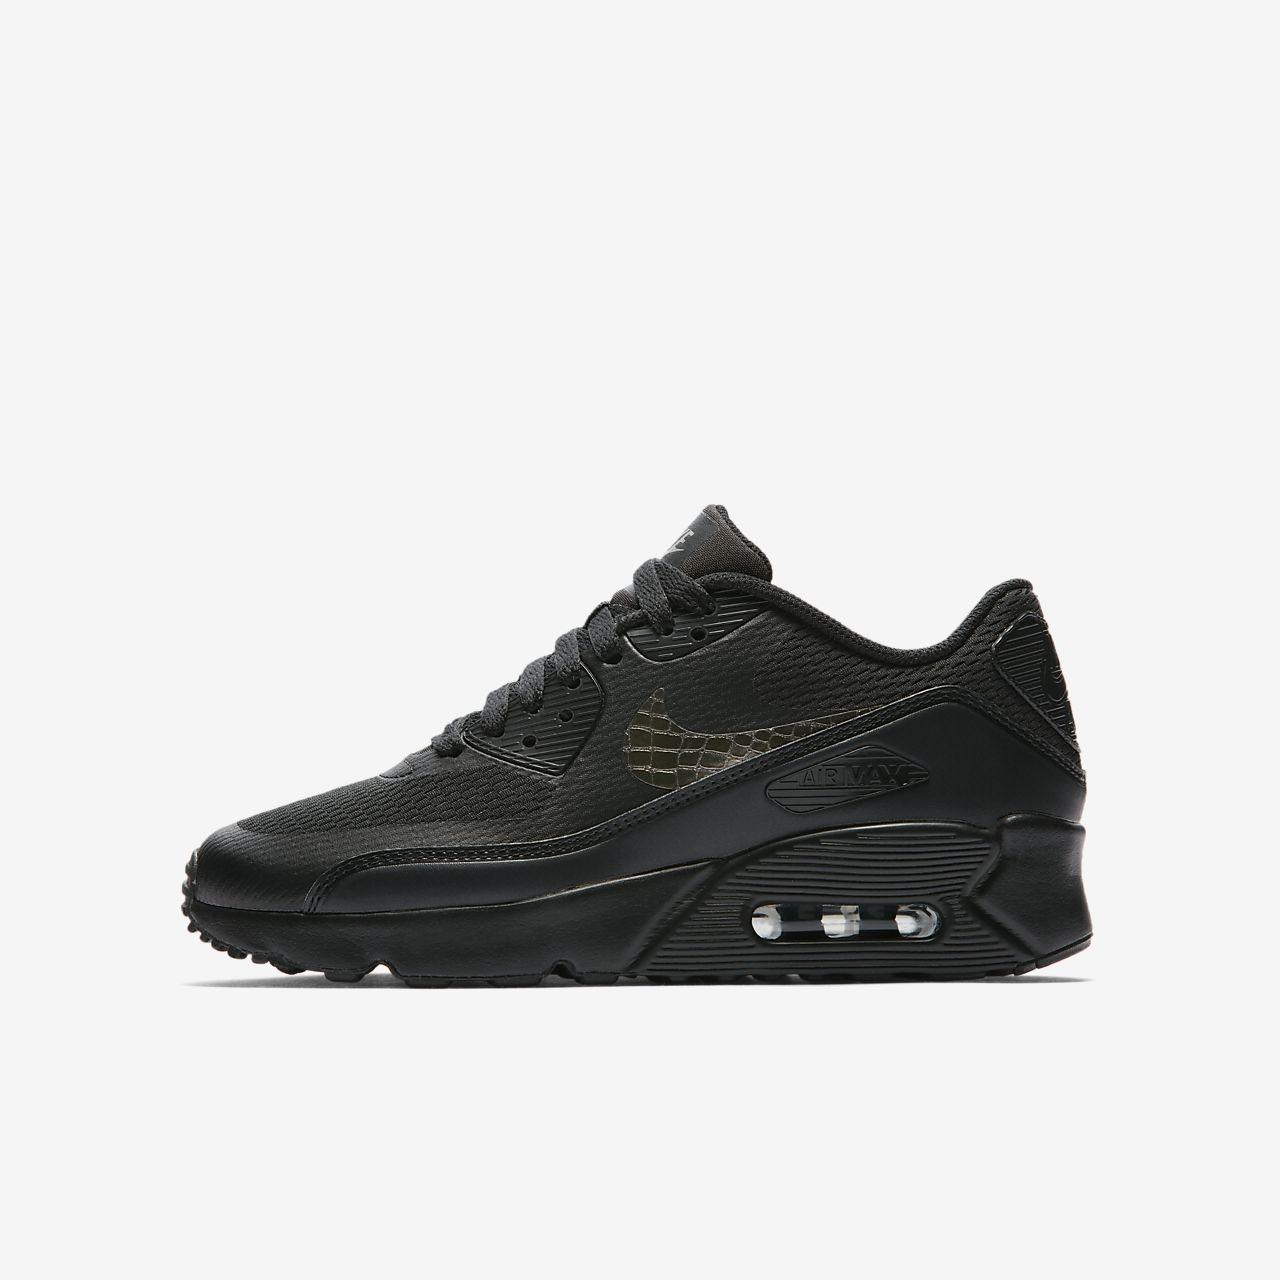 ... Nike Air Max 90 Ultra 2.0 Genç Çocuk Ayakkabısı